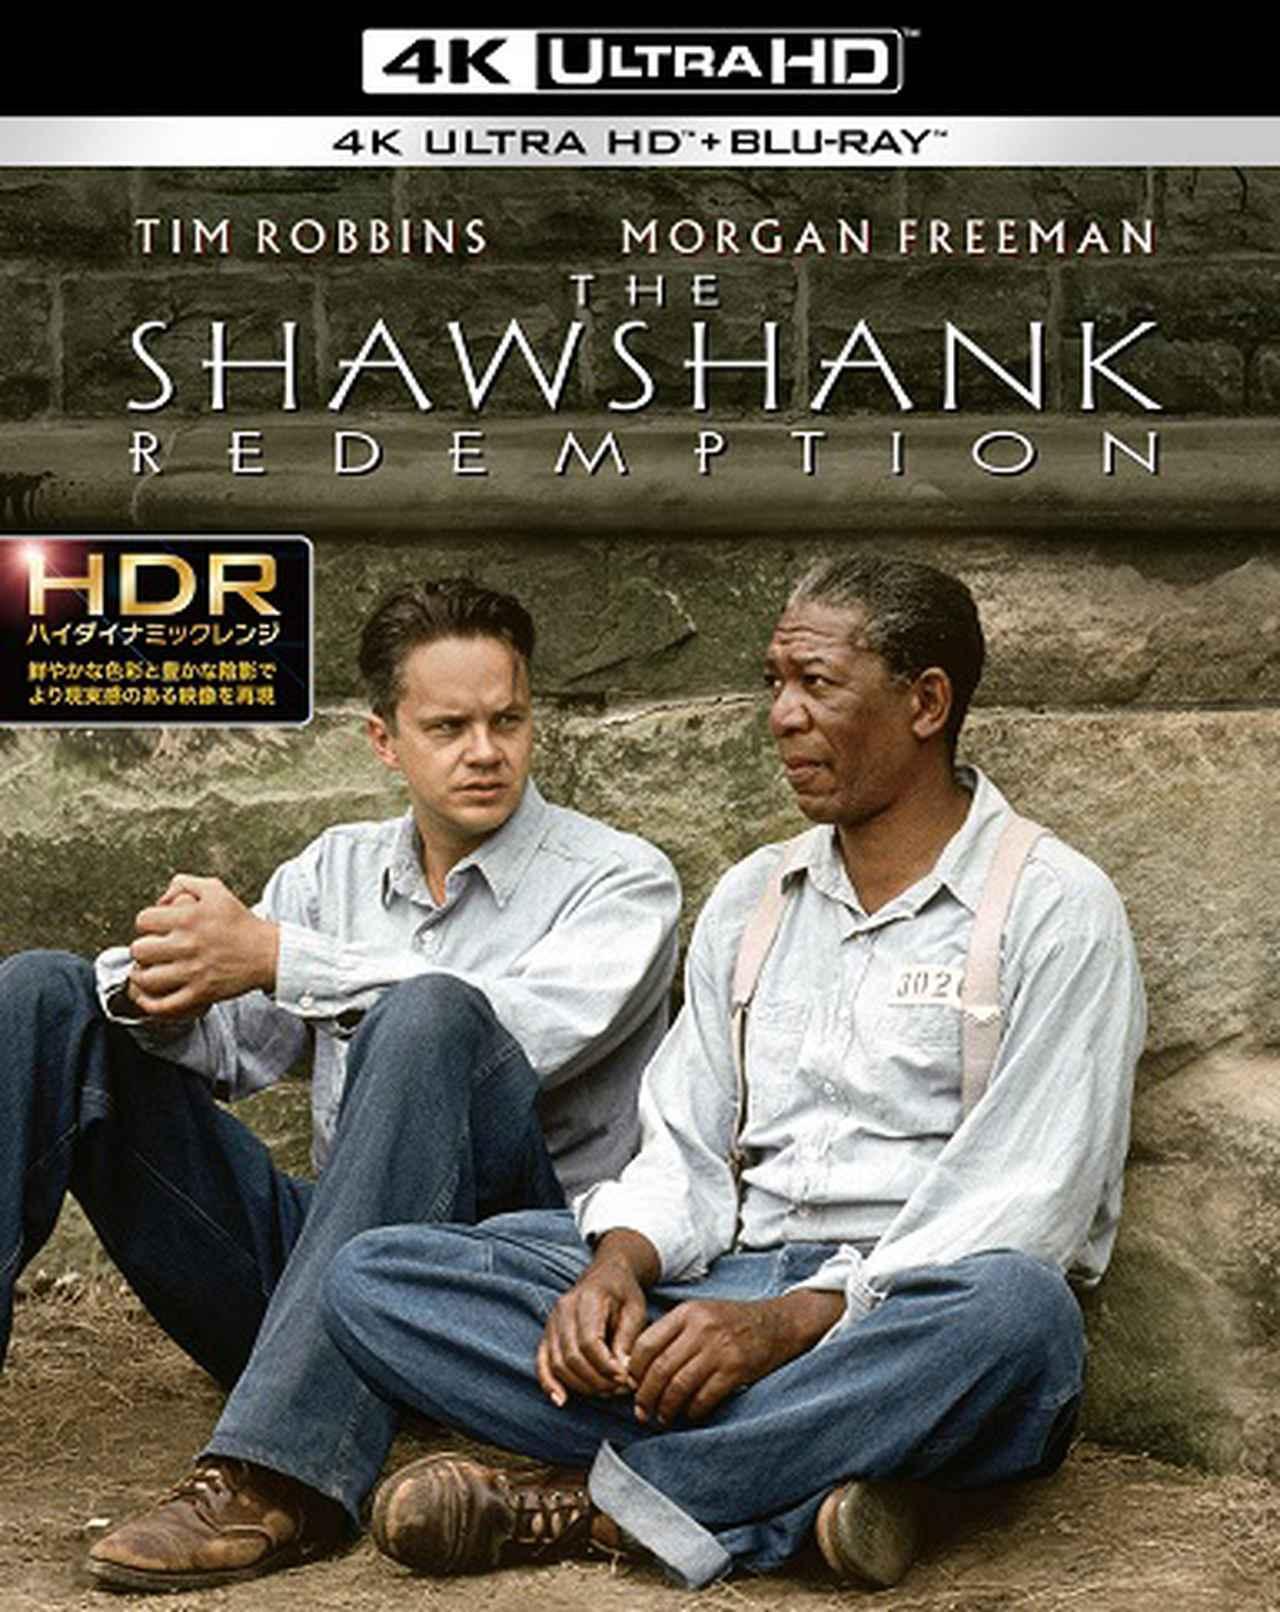 画像2: 映画史の傑作『時計じかけのオレンジ』と『ショーシャンクの空に』の4K UHDブルーレイ国内盤が登場。それぞれ¥6,980で、10月20日に発売決定!